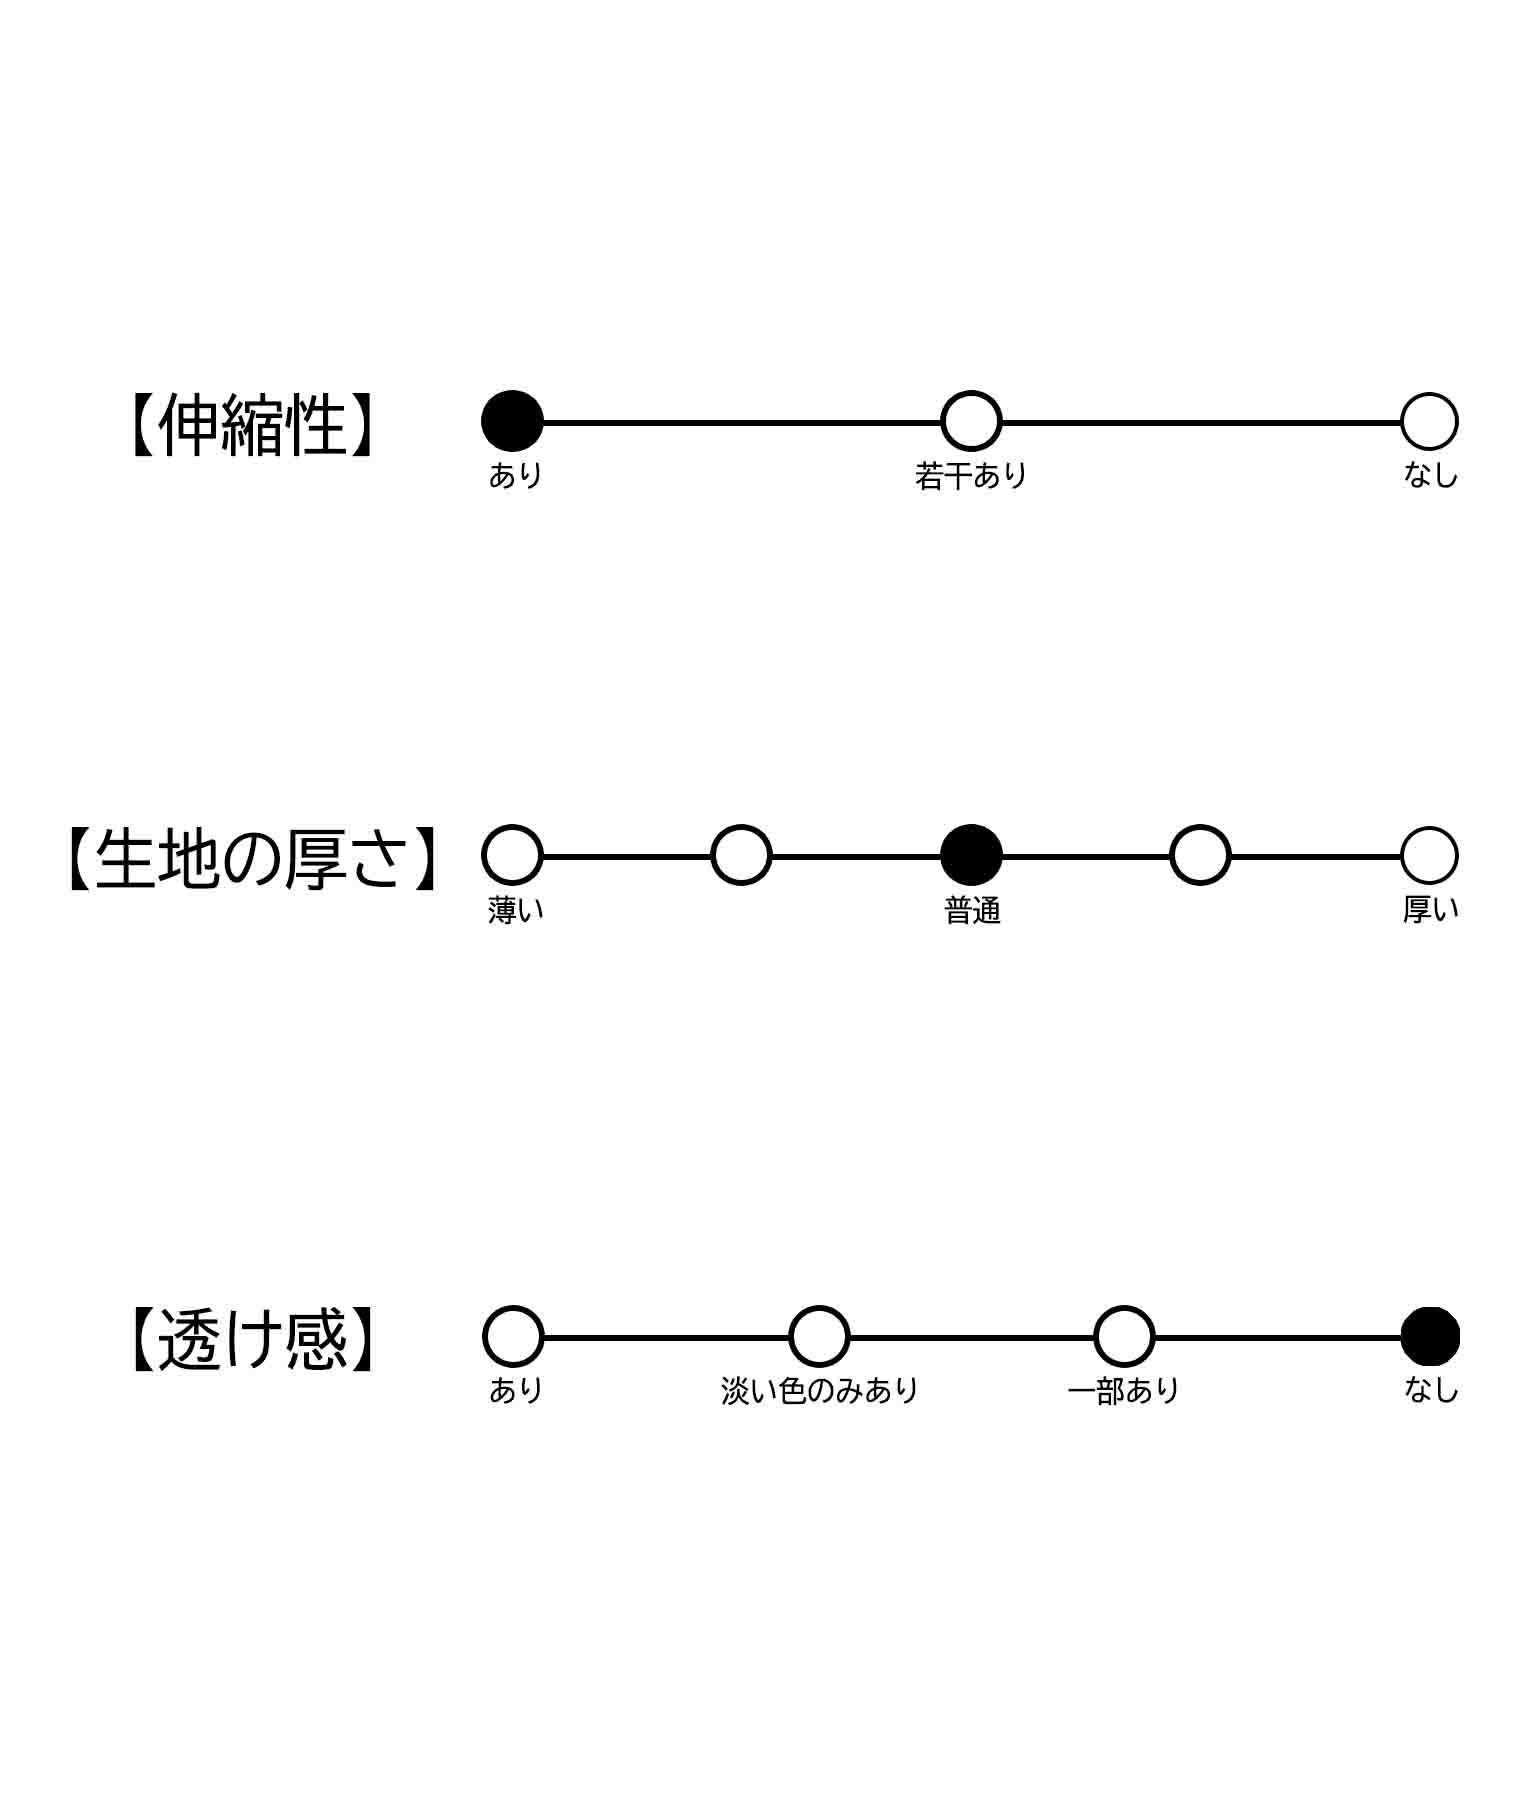 サスペンダー付きハイウエストデニムスキニーパンツ(ボトムス・パンツ /ハイウエストデニムパンツ・ロングパンツ)   ANAP